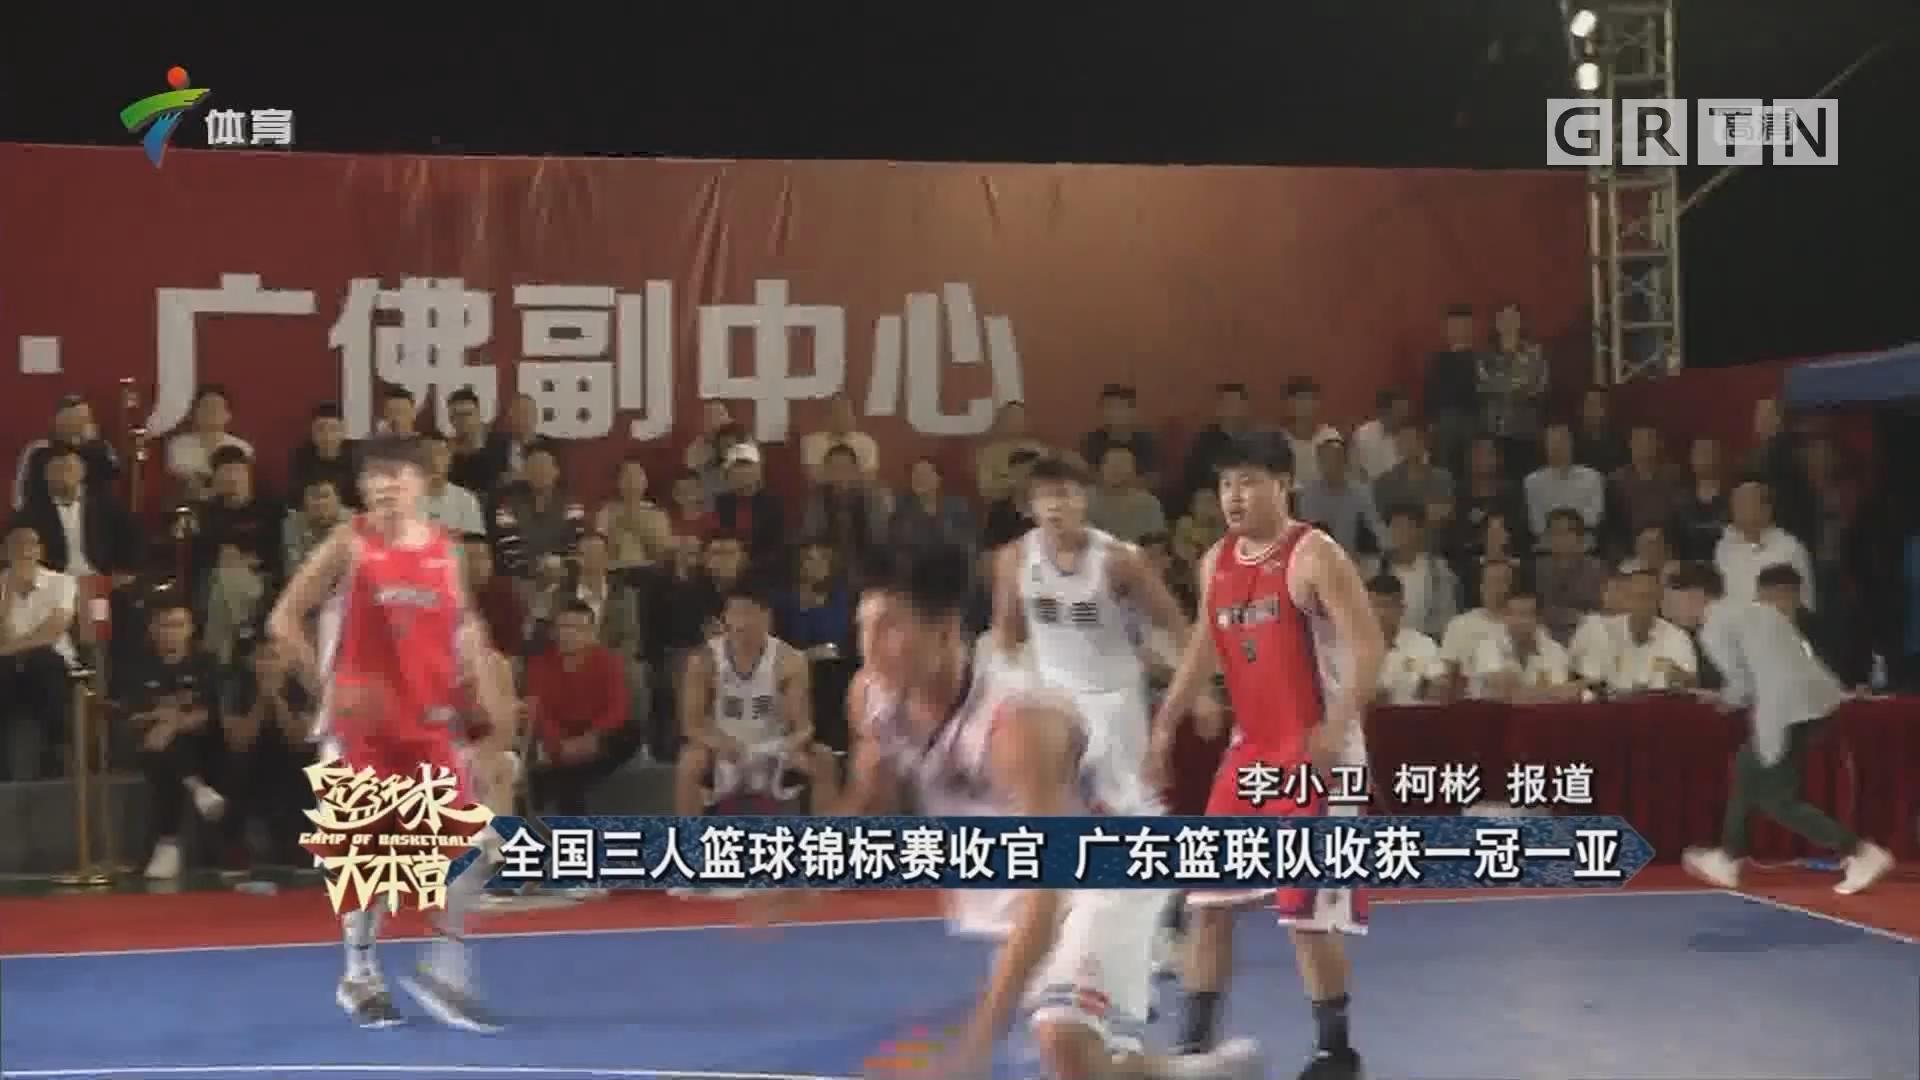 全国三人篮球锦标赛收官 广东篮球队收获一冠一亚